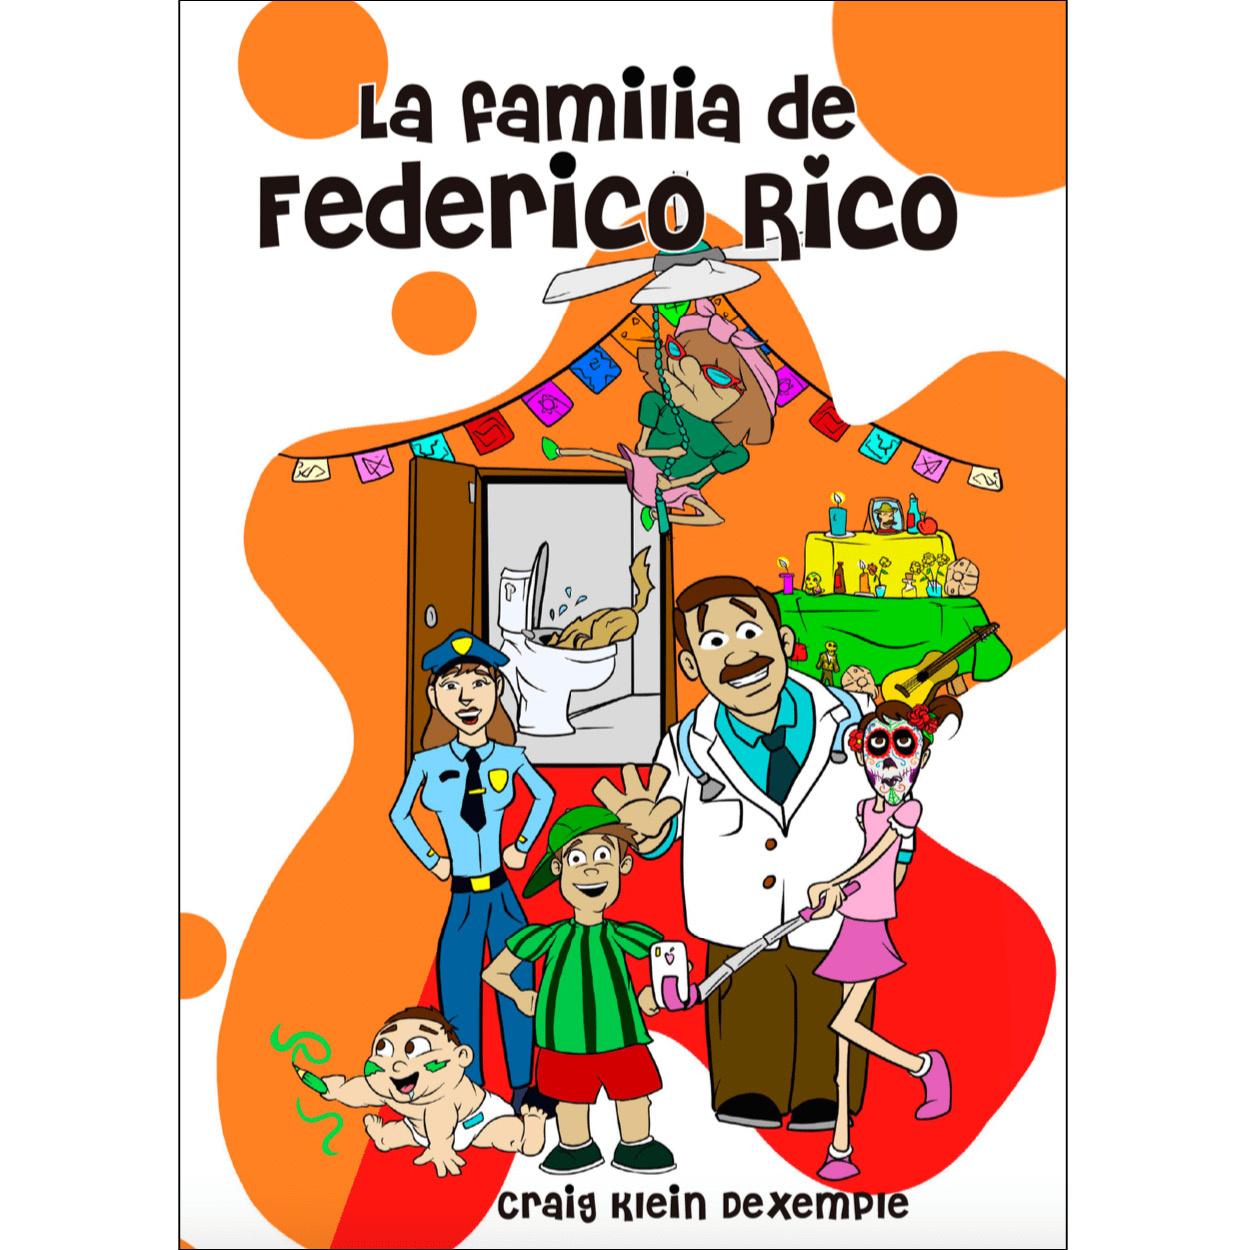 La familia de Federico Rico